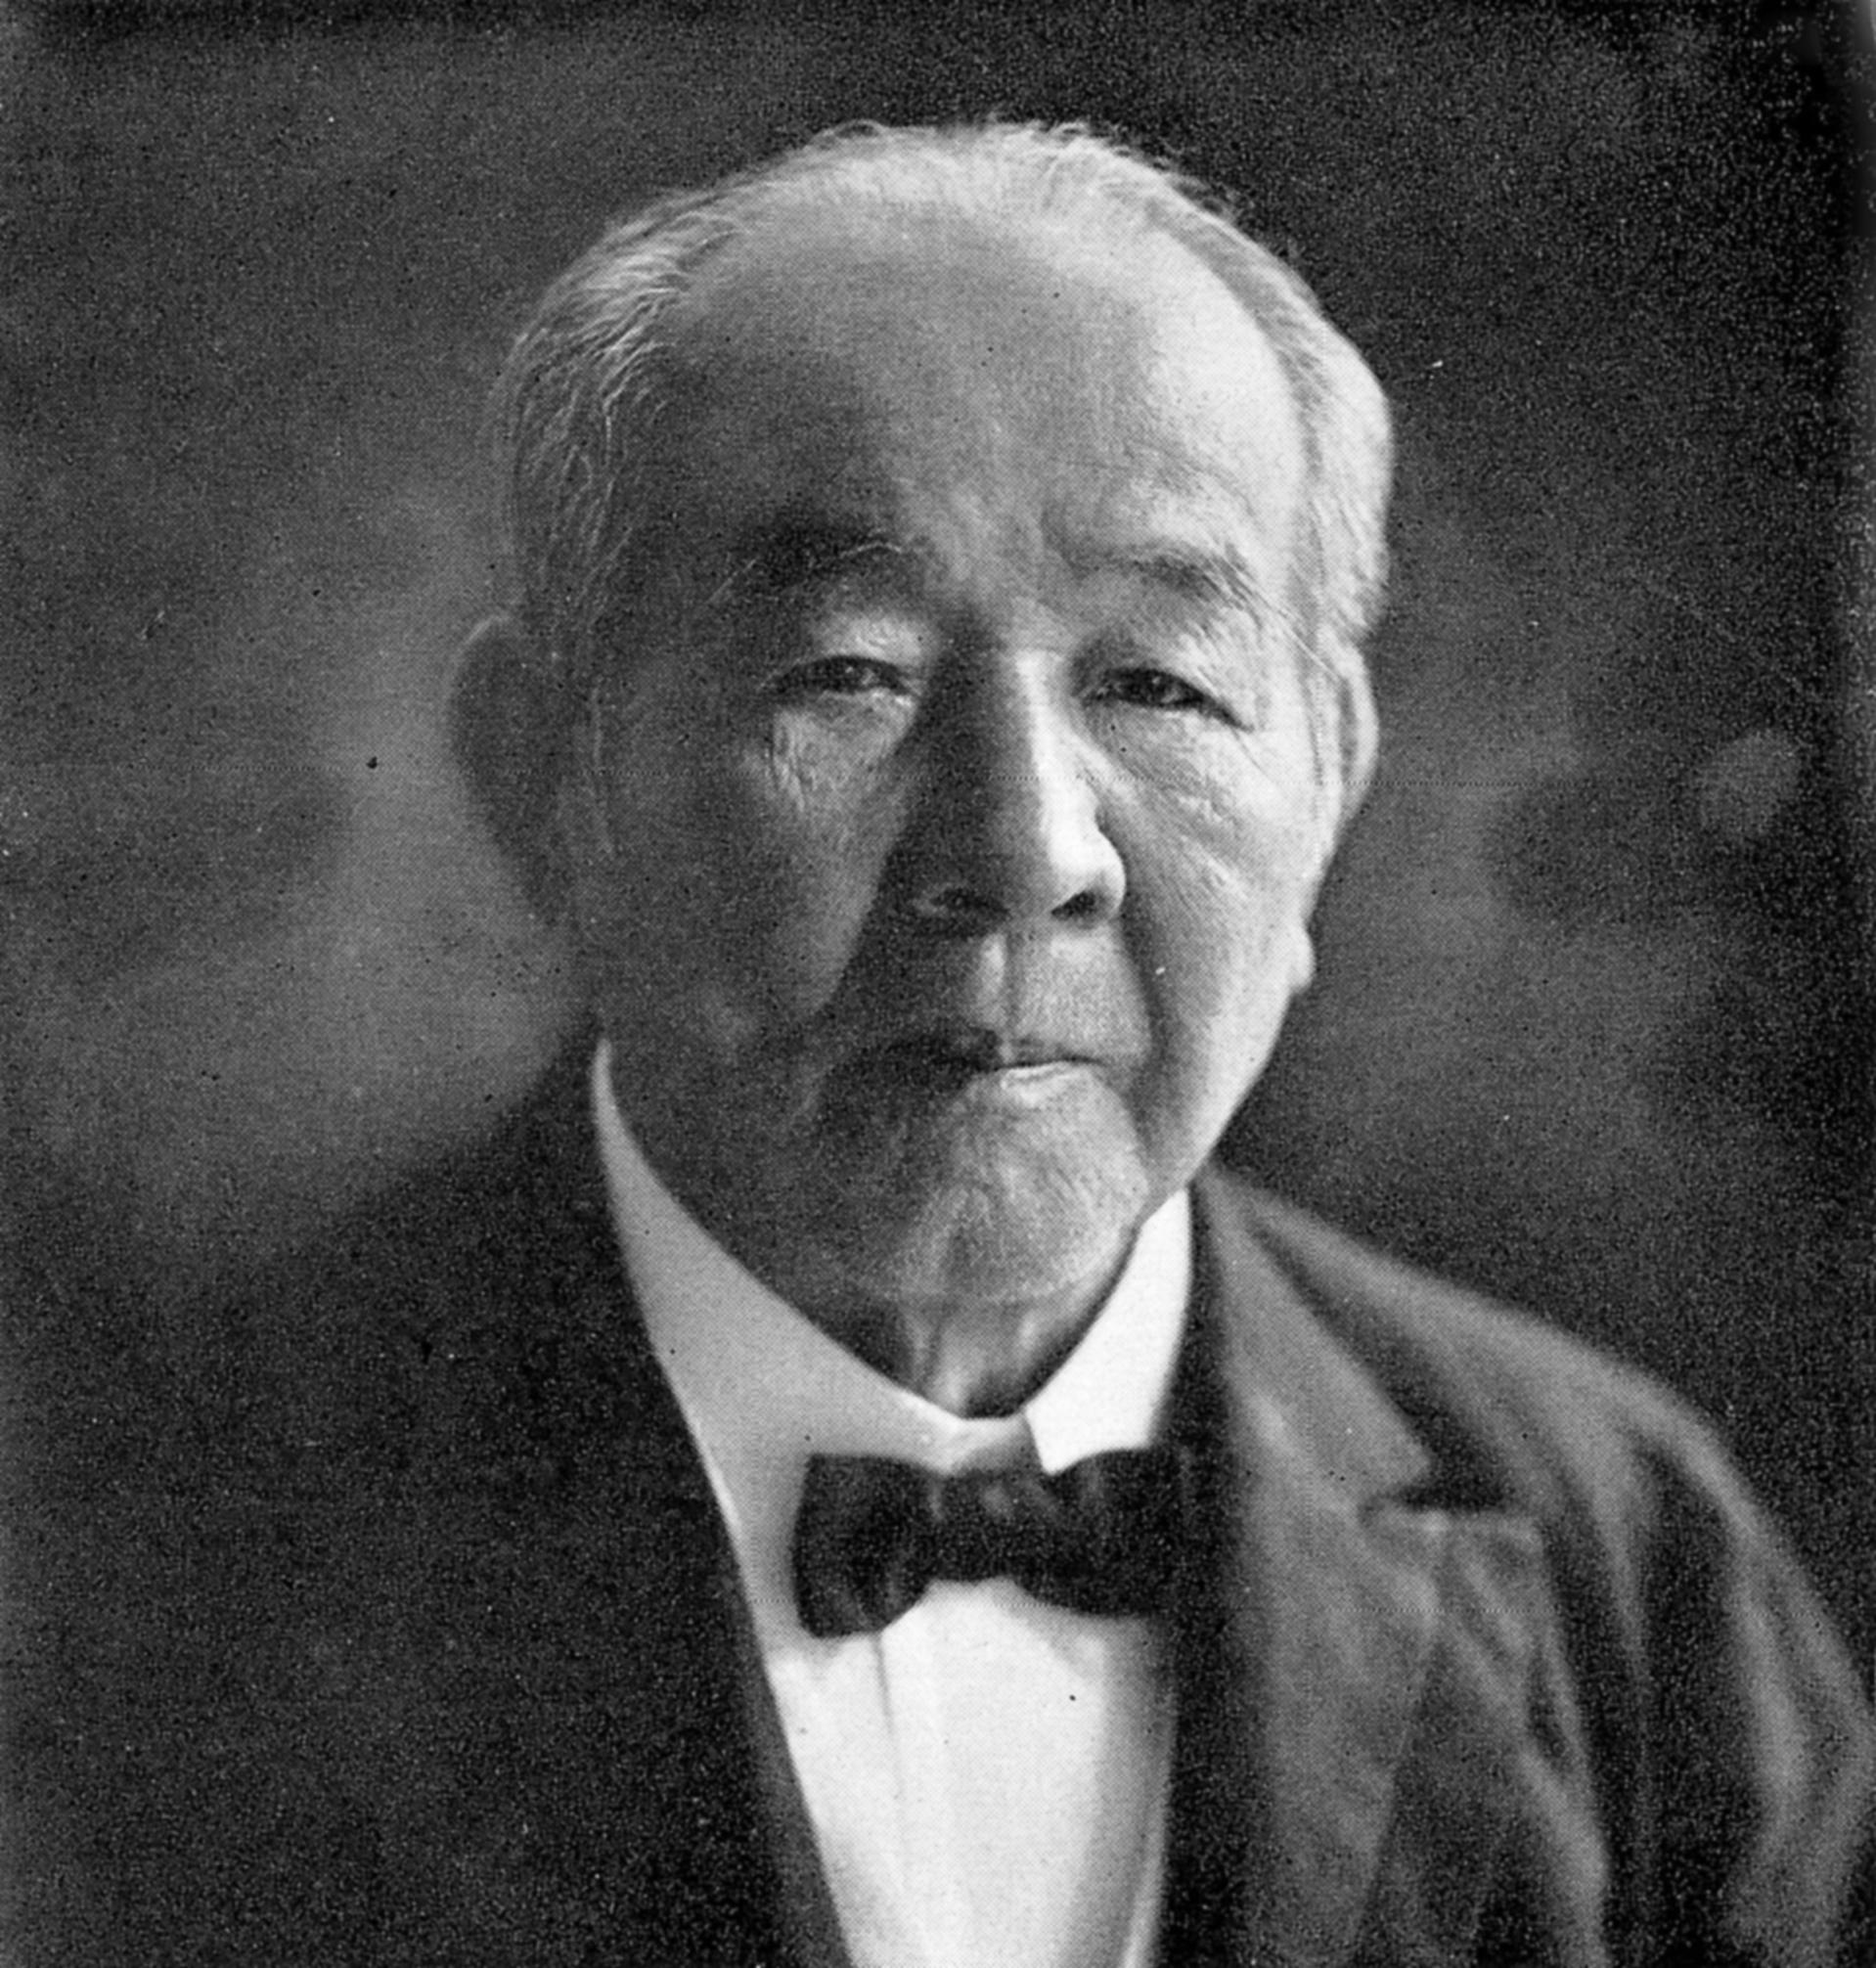 銭ゲバ経営者に聞かせたい!ーー  渋沢栄一の「道徳経済合一説」